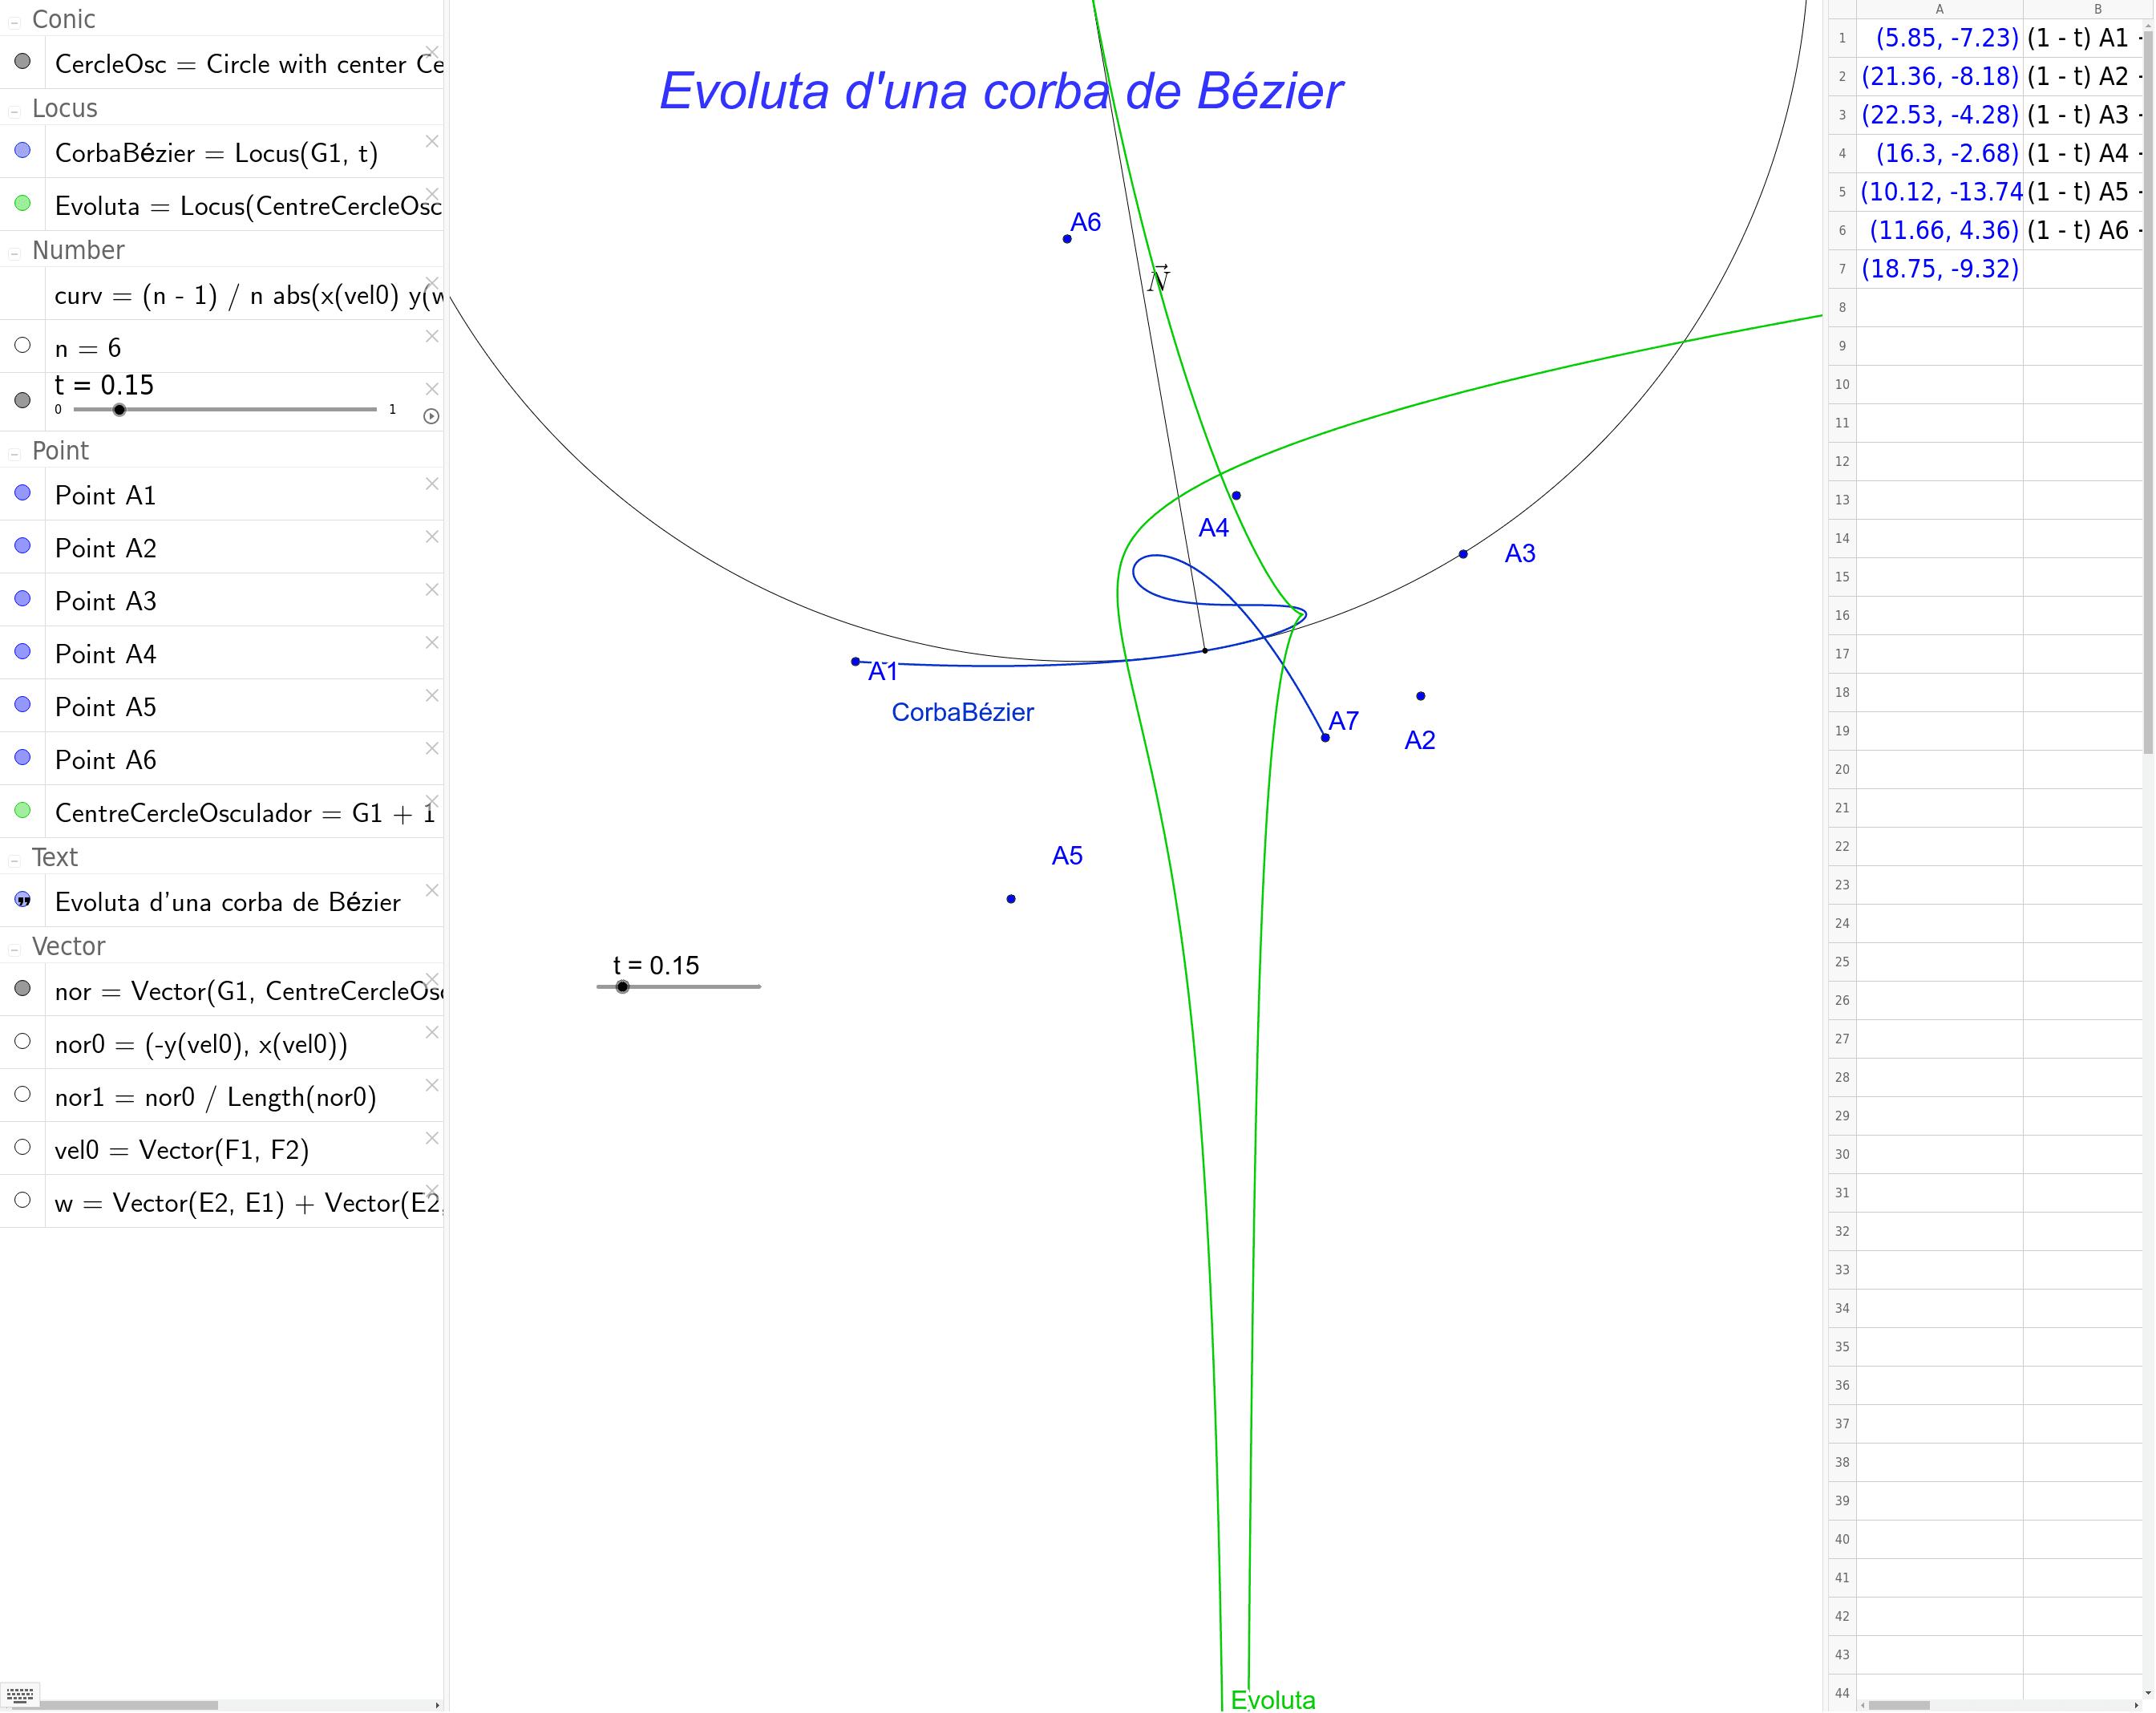 Evoluta d'una corba de Bézier